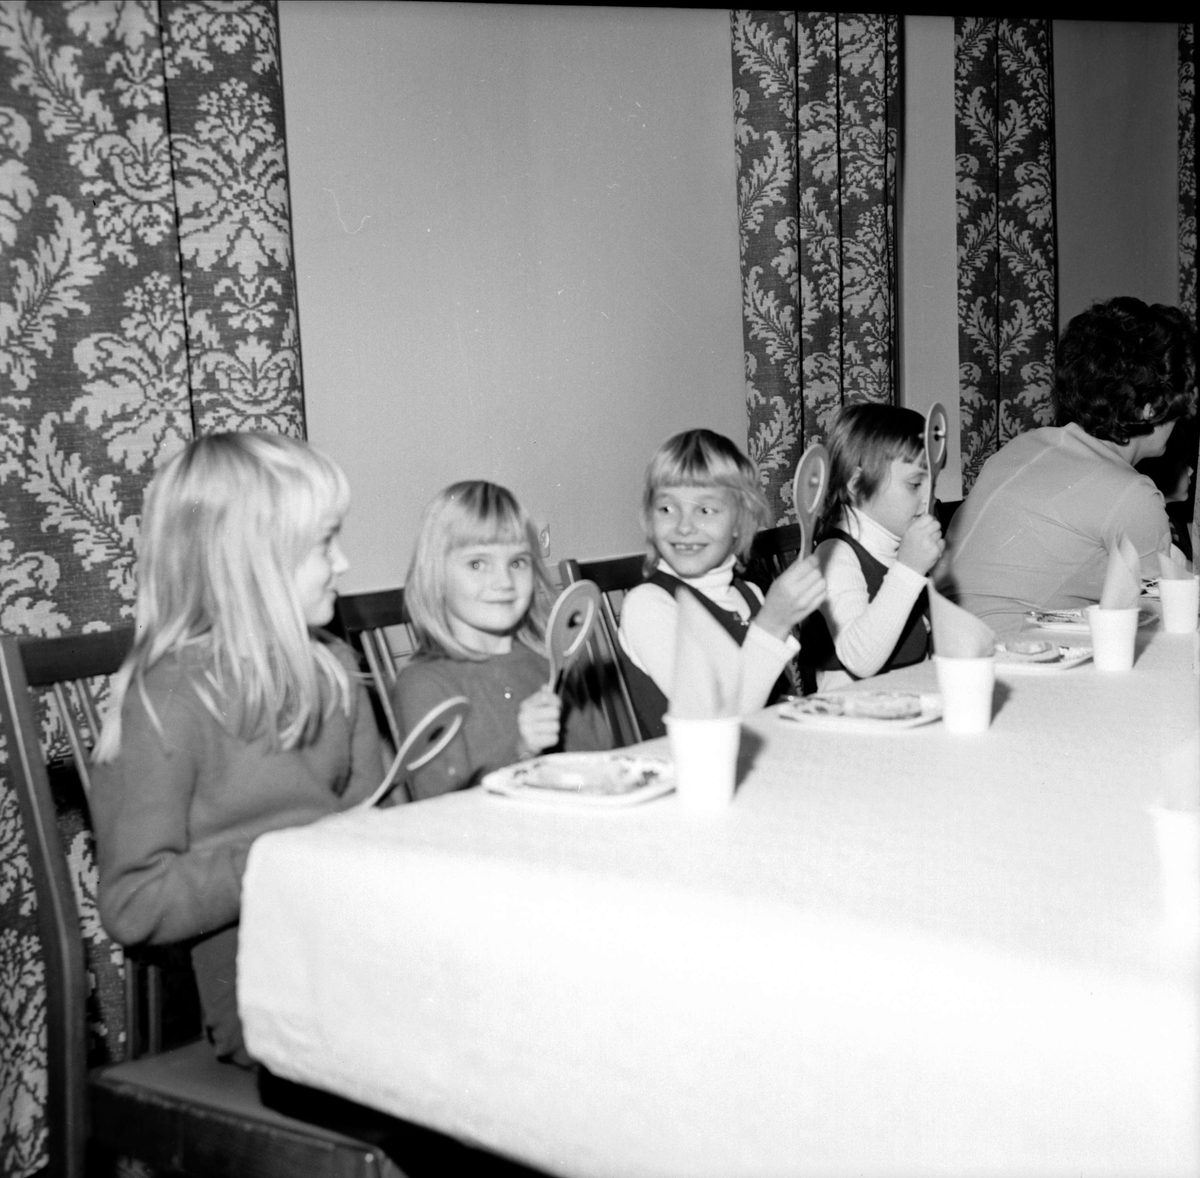 Söderfors husmorsförening har julfest för barn, Söderfors, Uppland janauri 1973